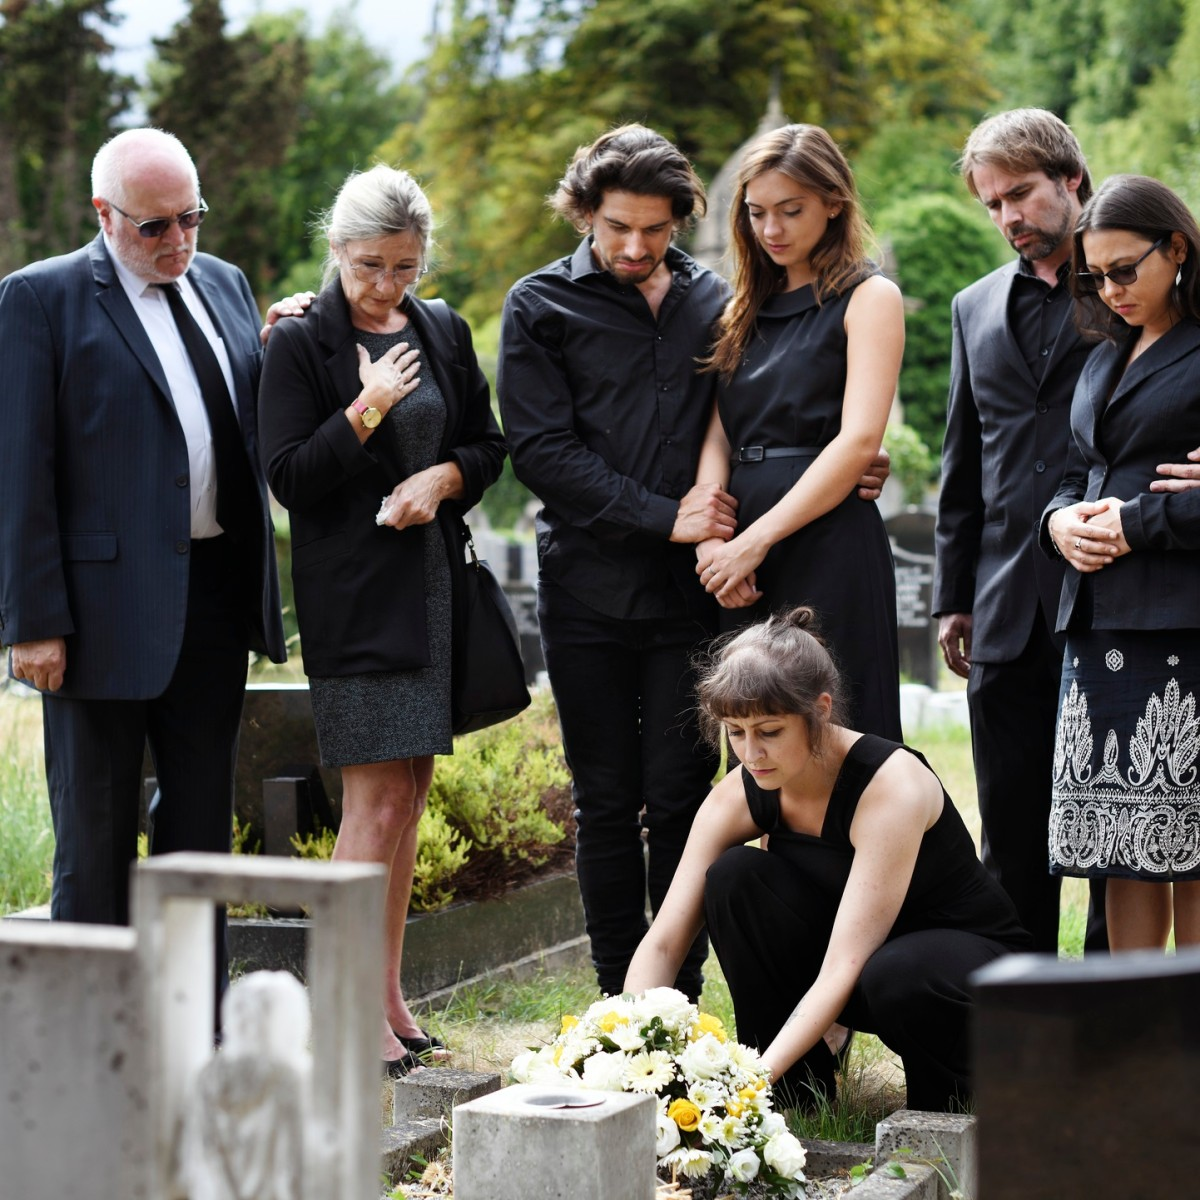 Sommer outfit beerdigung damen Beerdigung Kleidung